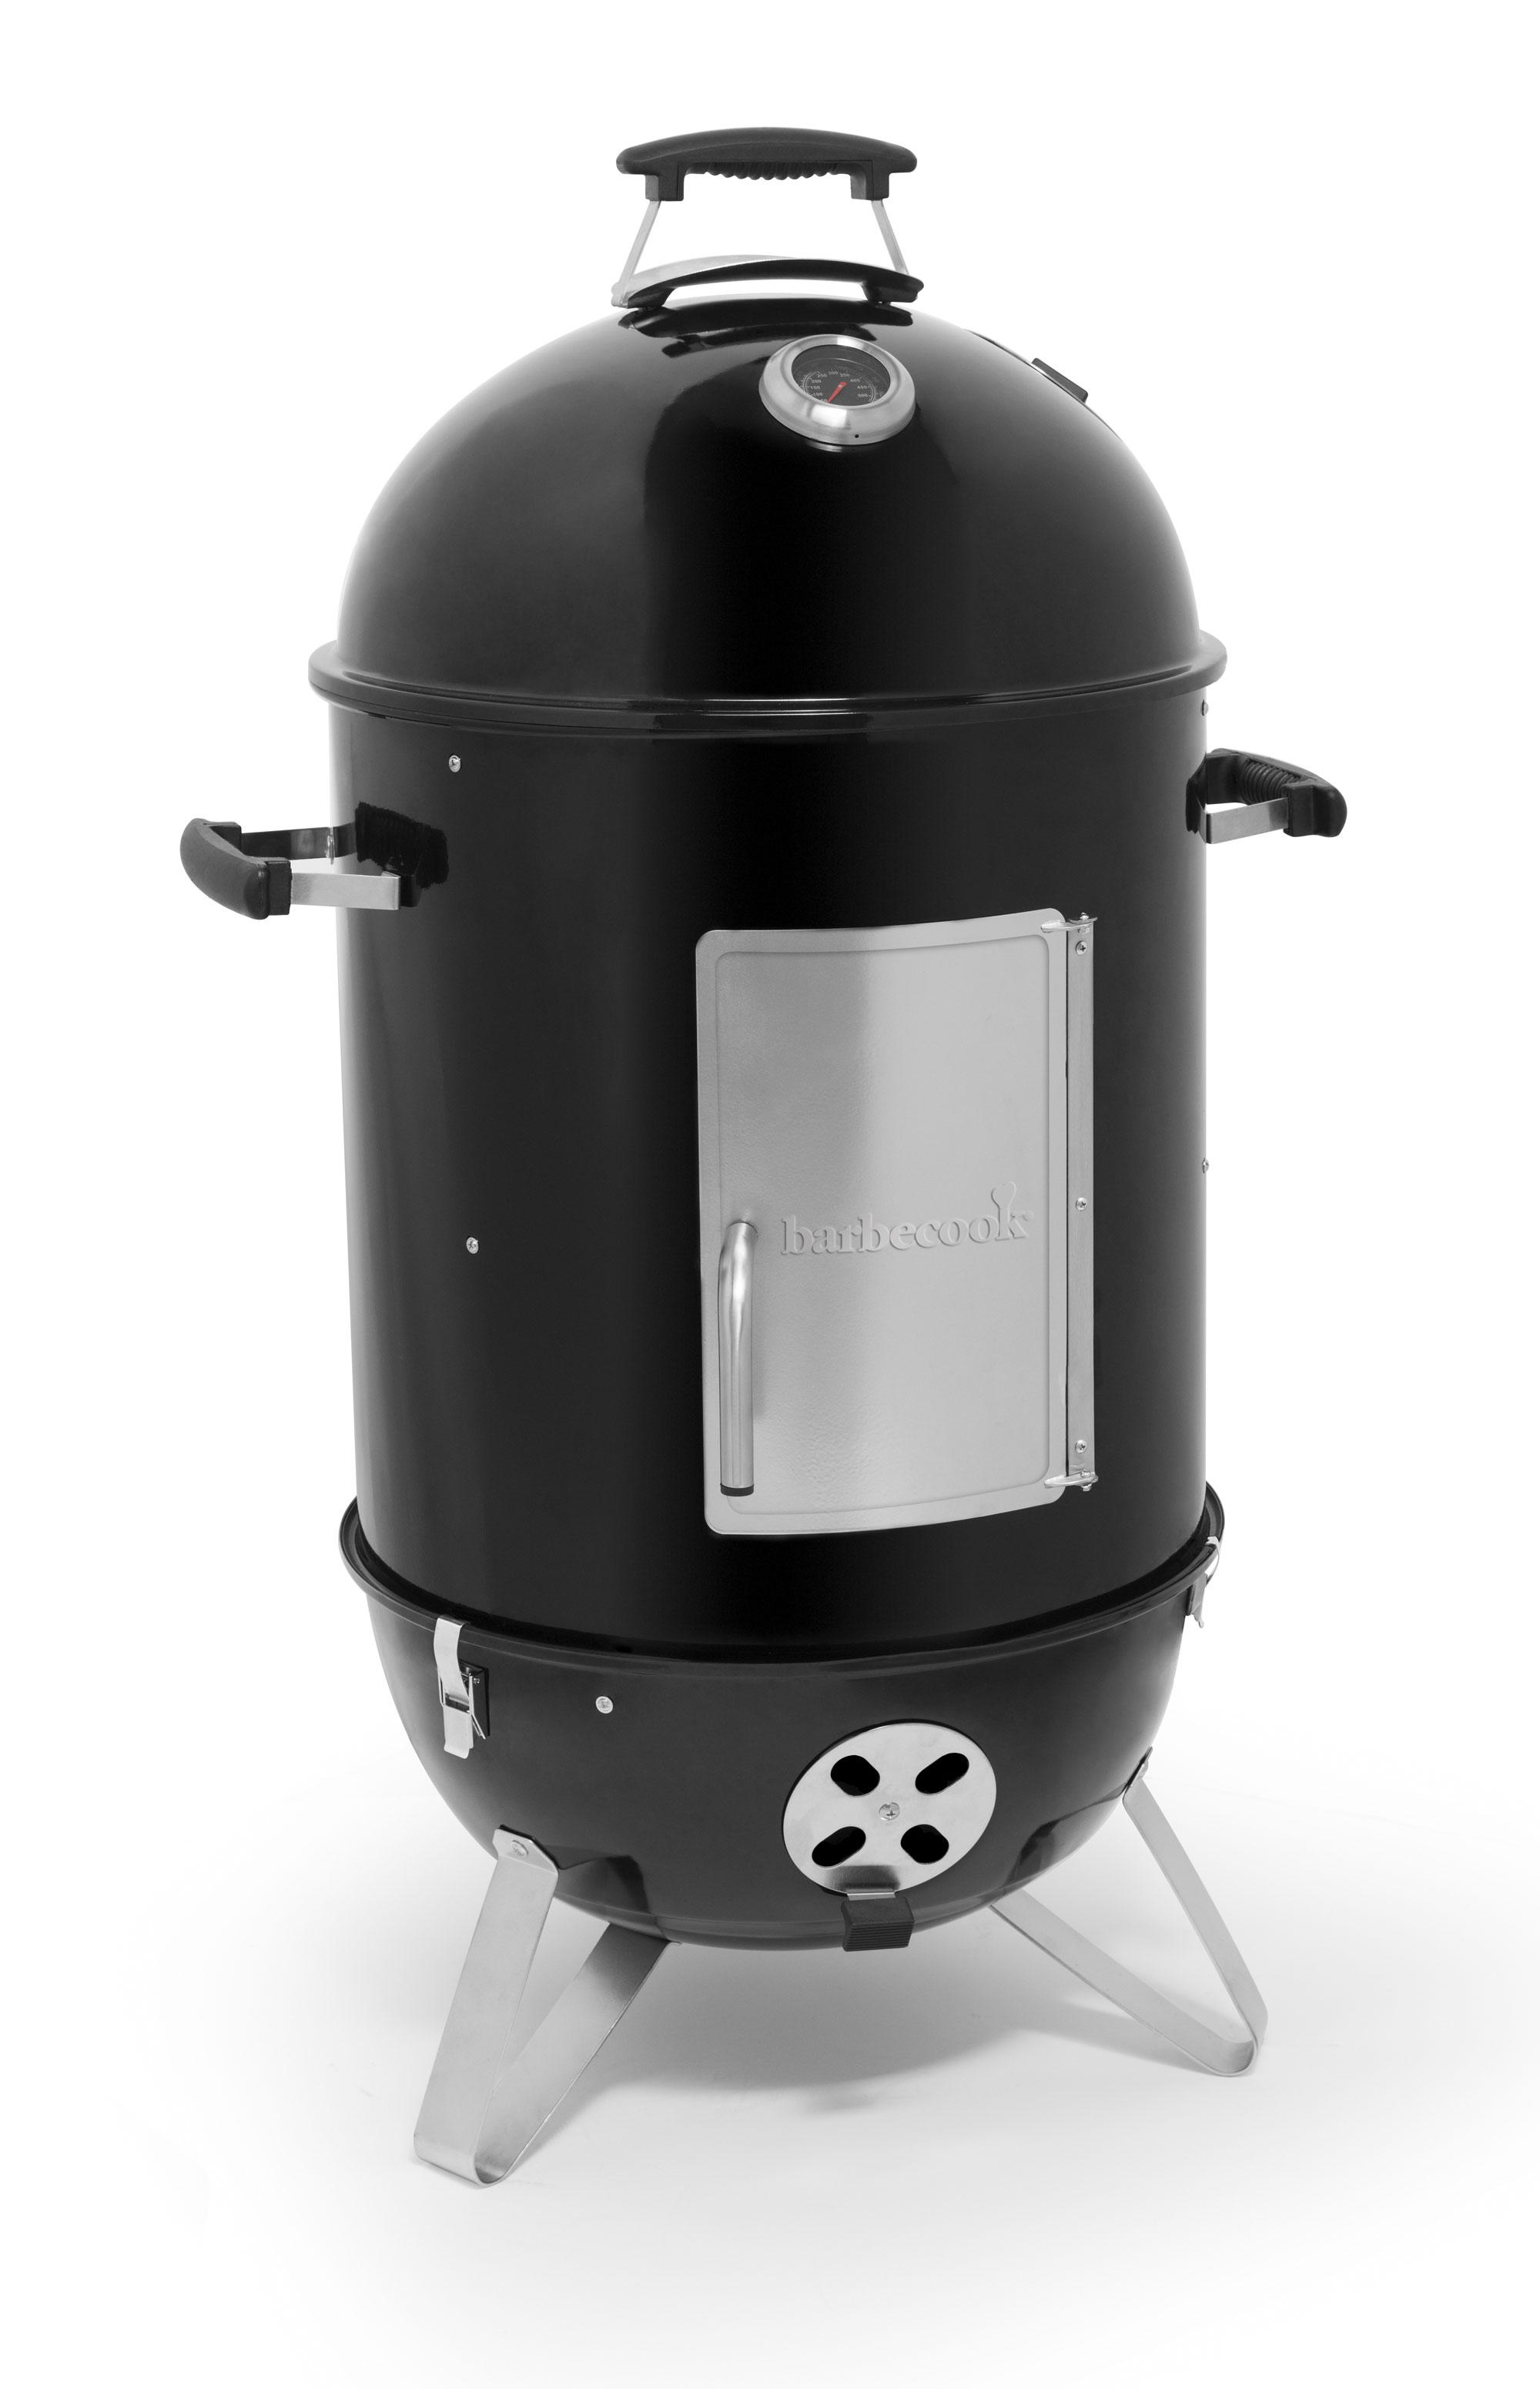 Räucherofen / Smoker barbecook Oskar M Ø39cm / H 99cm schwarz Bild 1